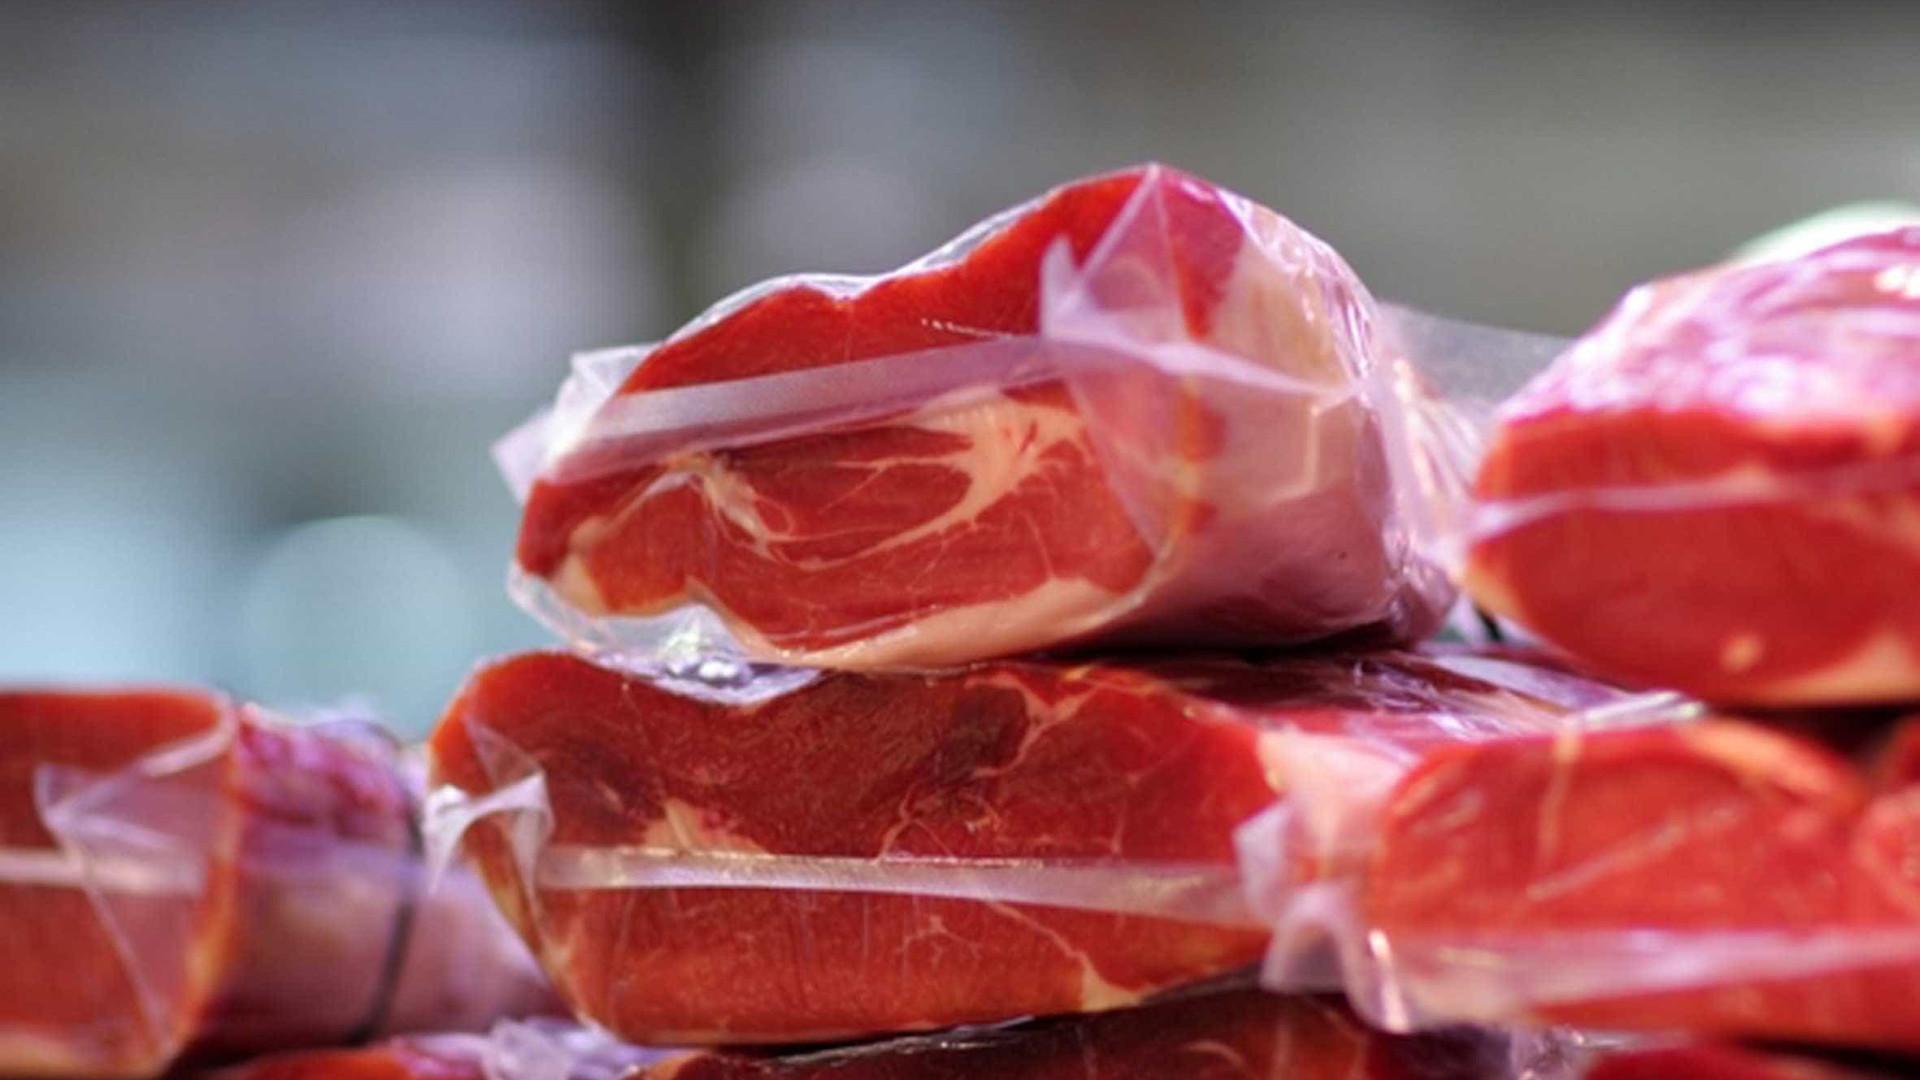 China confirma suspensão de exportação de carne suína da BRF e da JBS